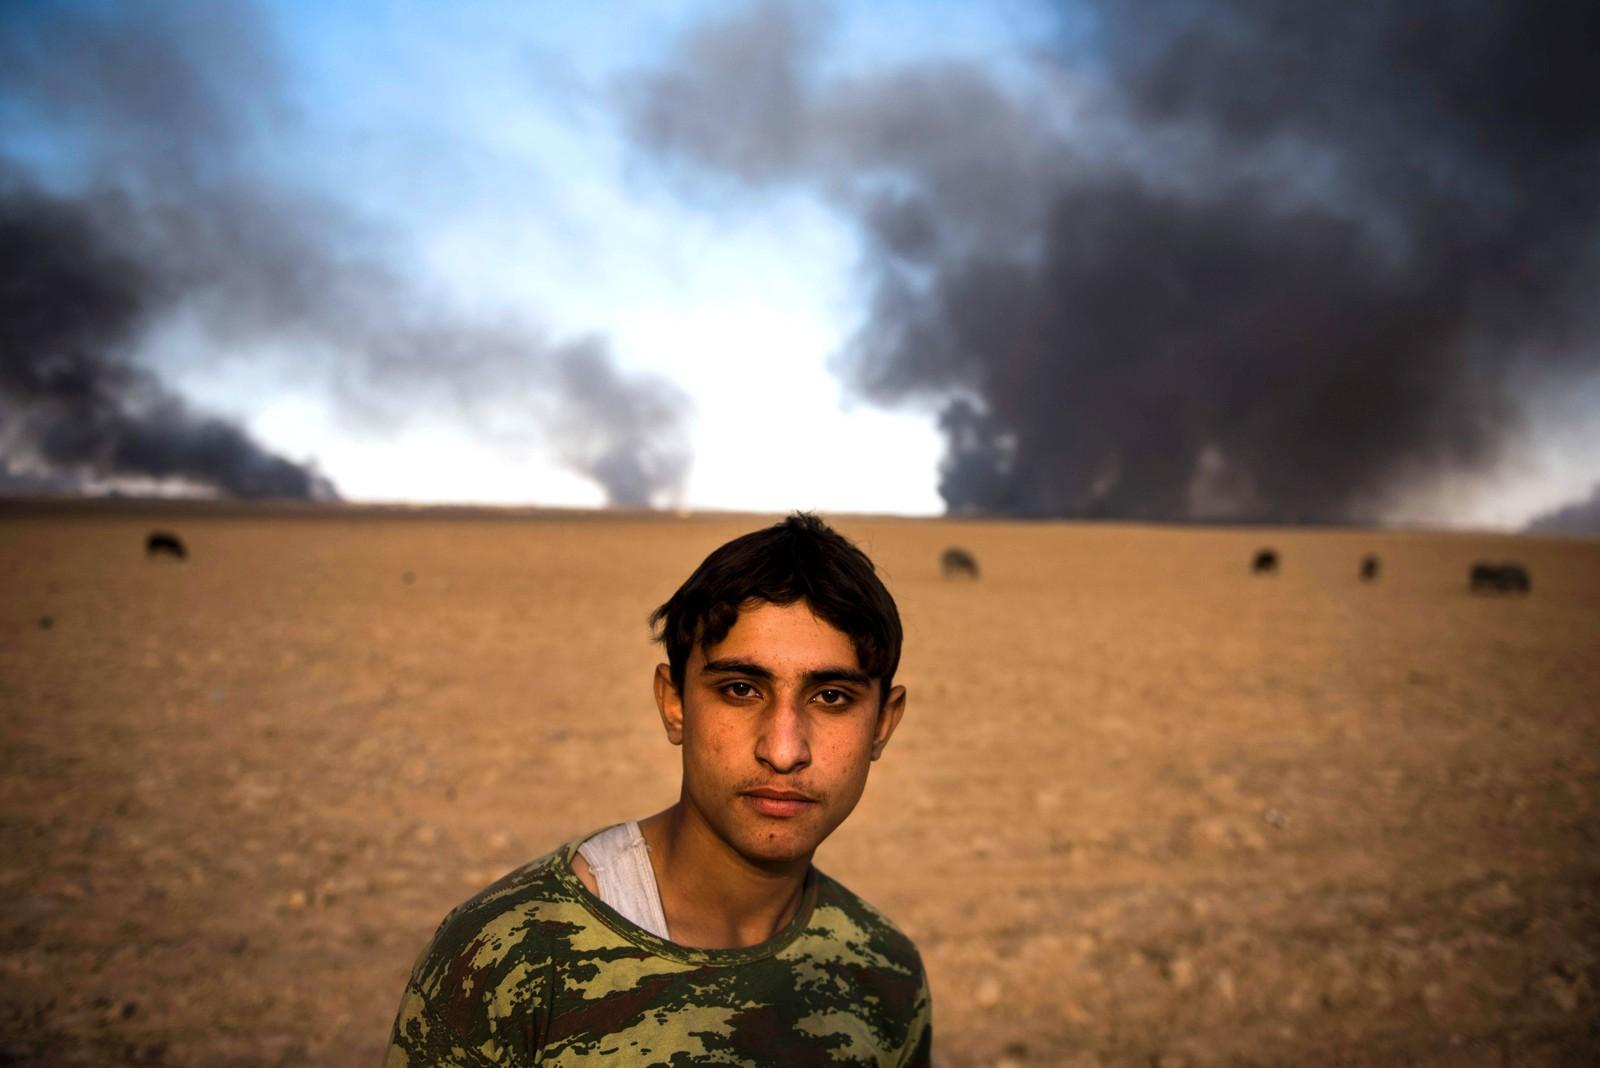 En gjeter passer på sauer. I bakgrunnen brenner oljebrønner som IS har satt i brann ved byen Qayara i Irak. Menneskene i området risikerer helseplager på grunn av den svarte røyken. Den er også årsaken til at sauene i bakgrunnen har blitt sorte.